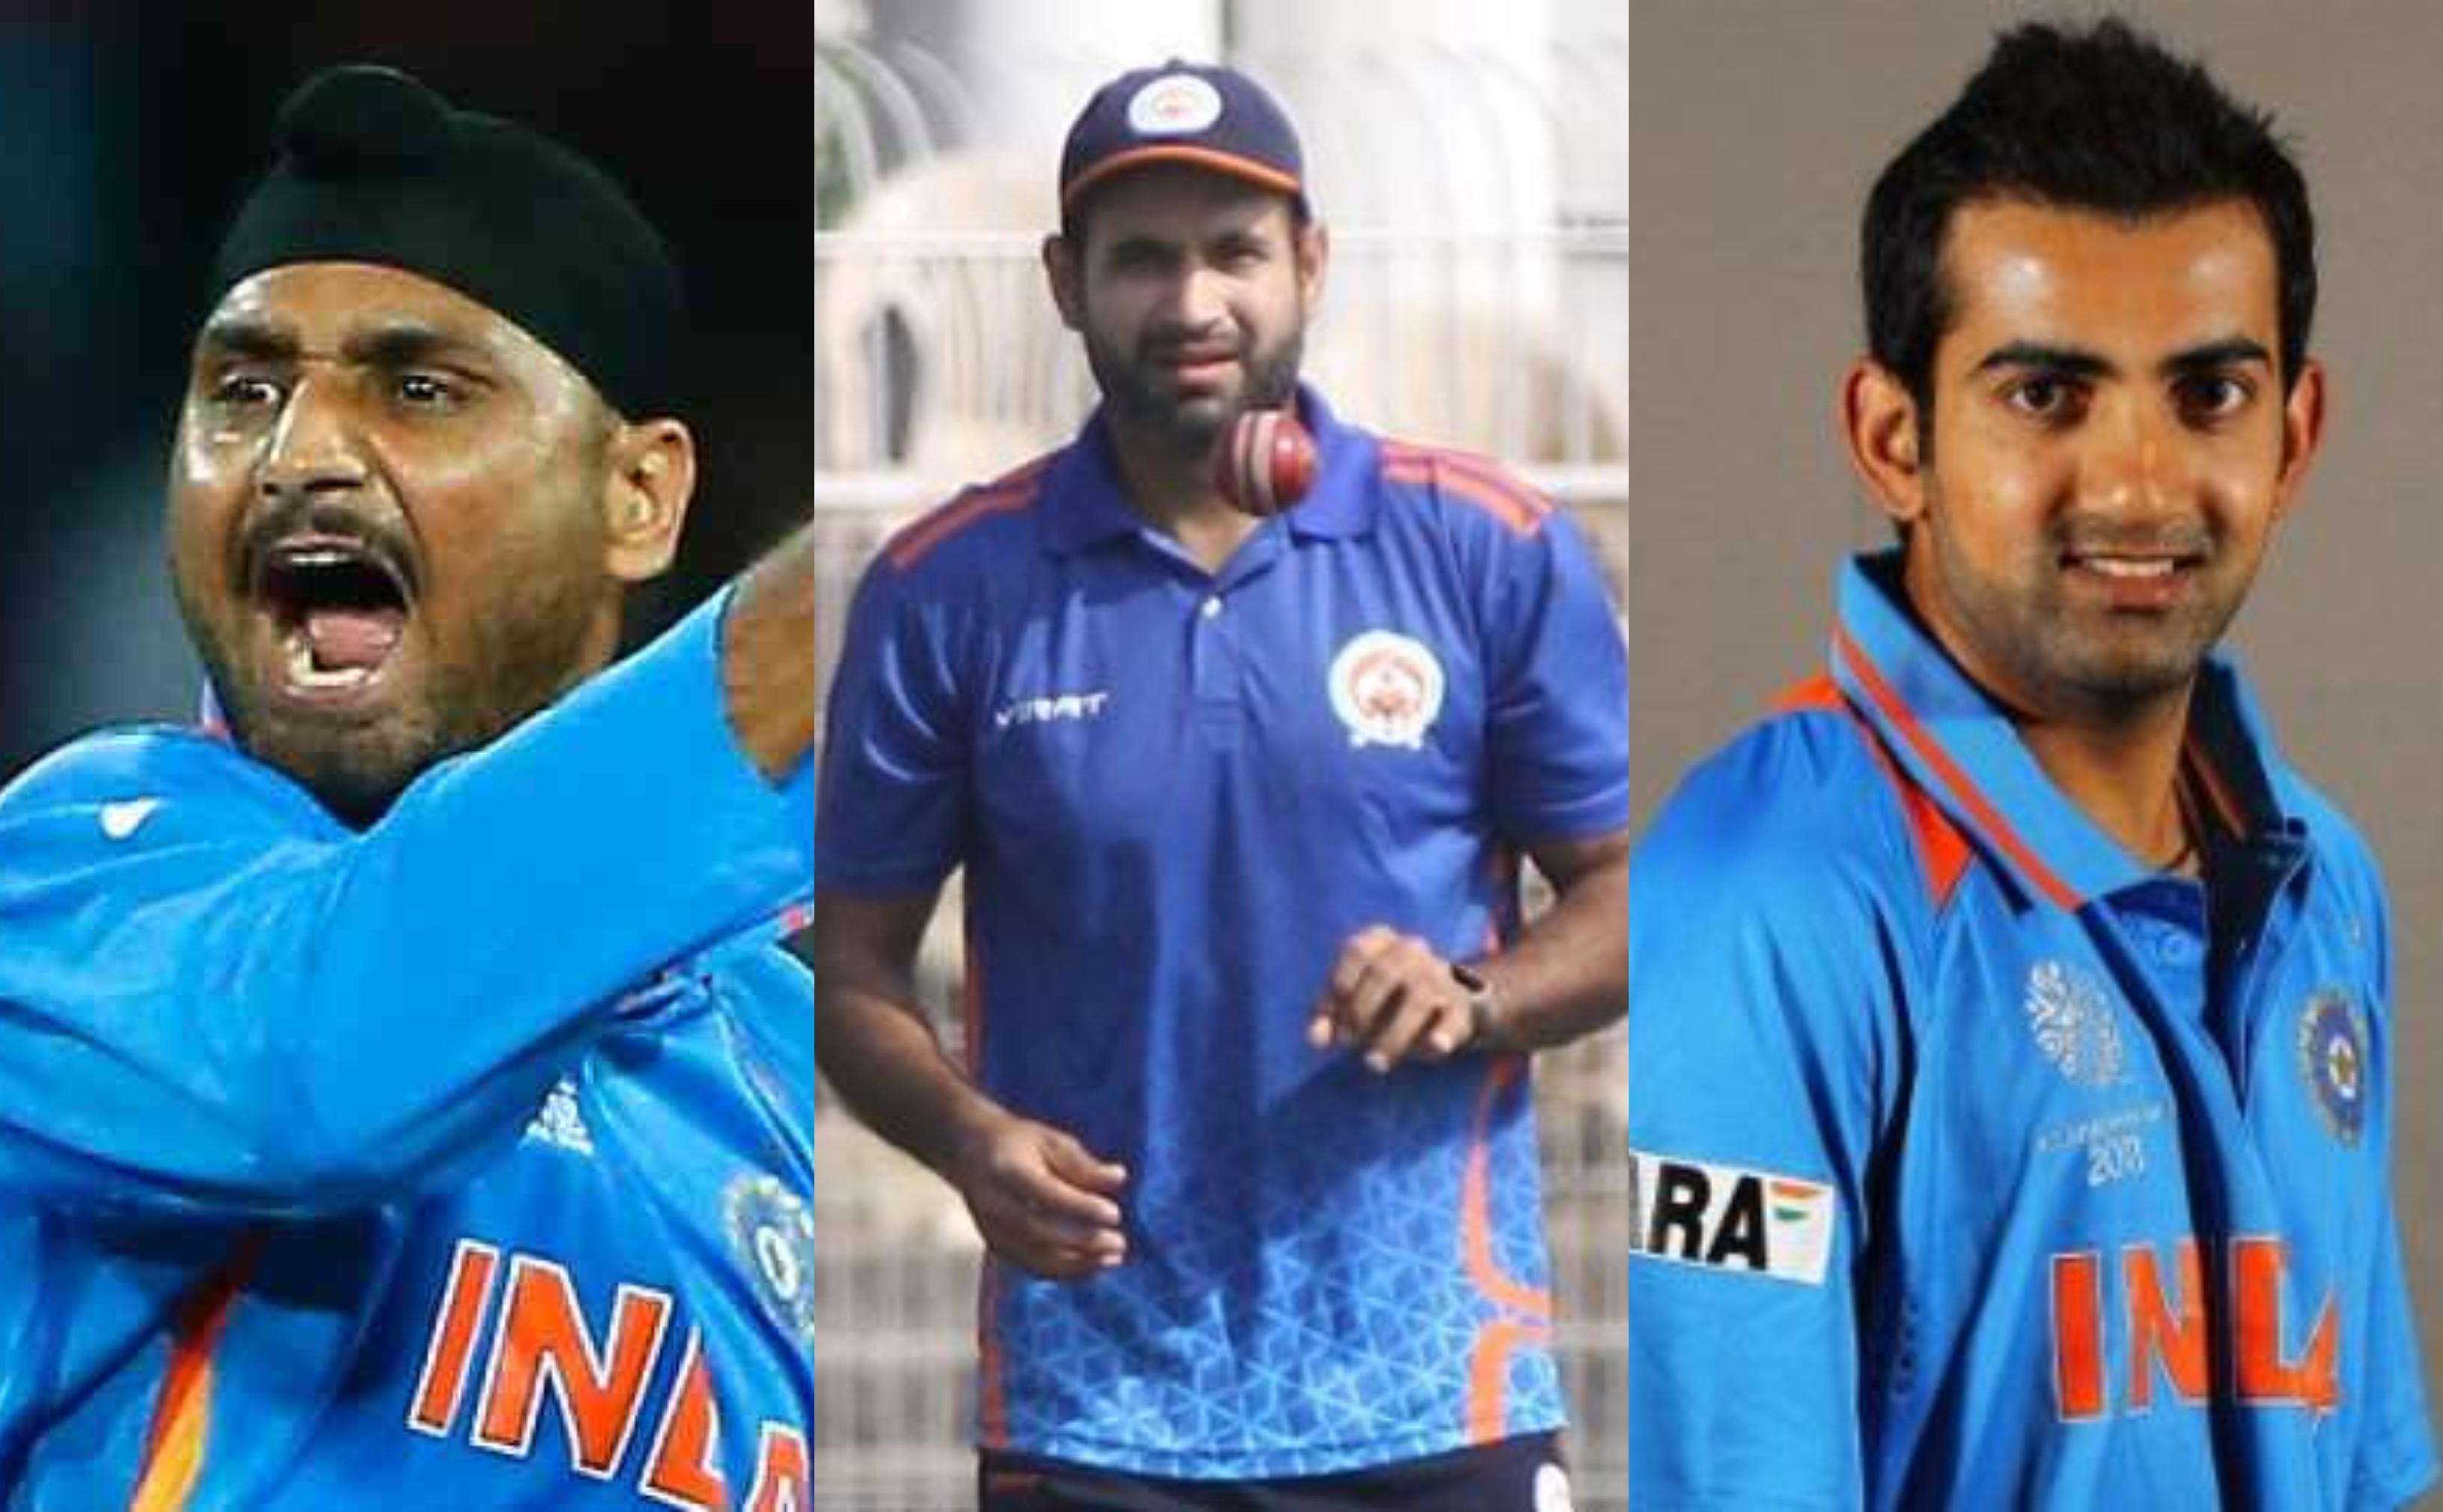 10 खिलाड़ी जिन्हें रवि शास्त्री के कोच बनने के बाद नहीं मिला भारतीय टीम में मौका 1